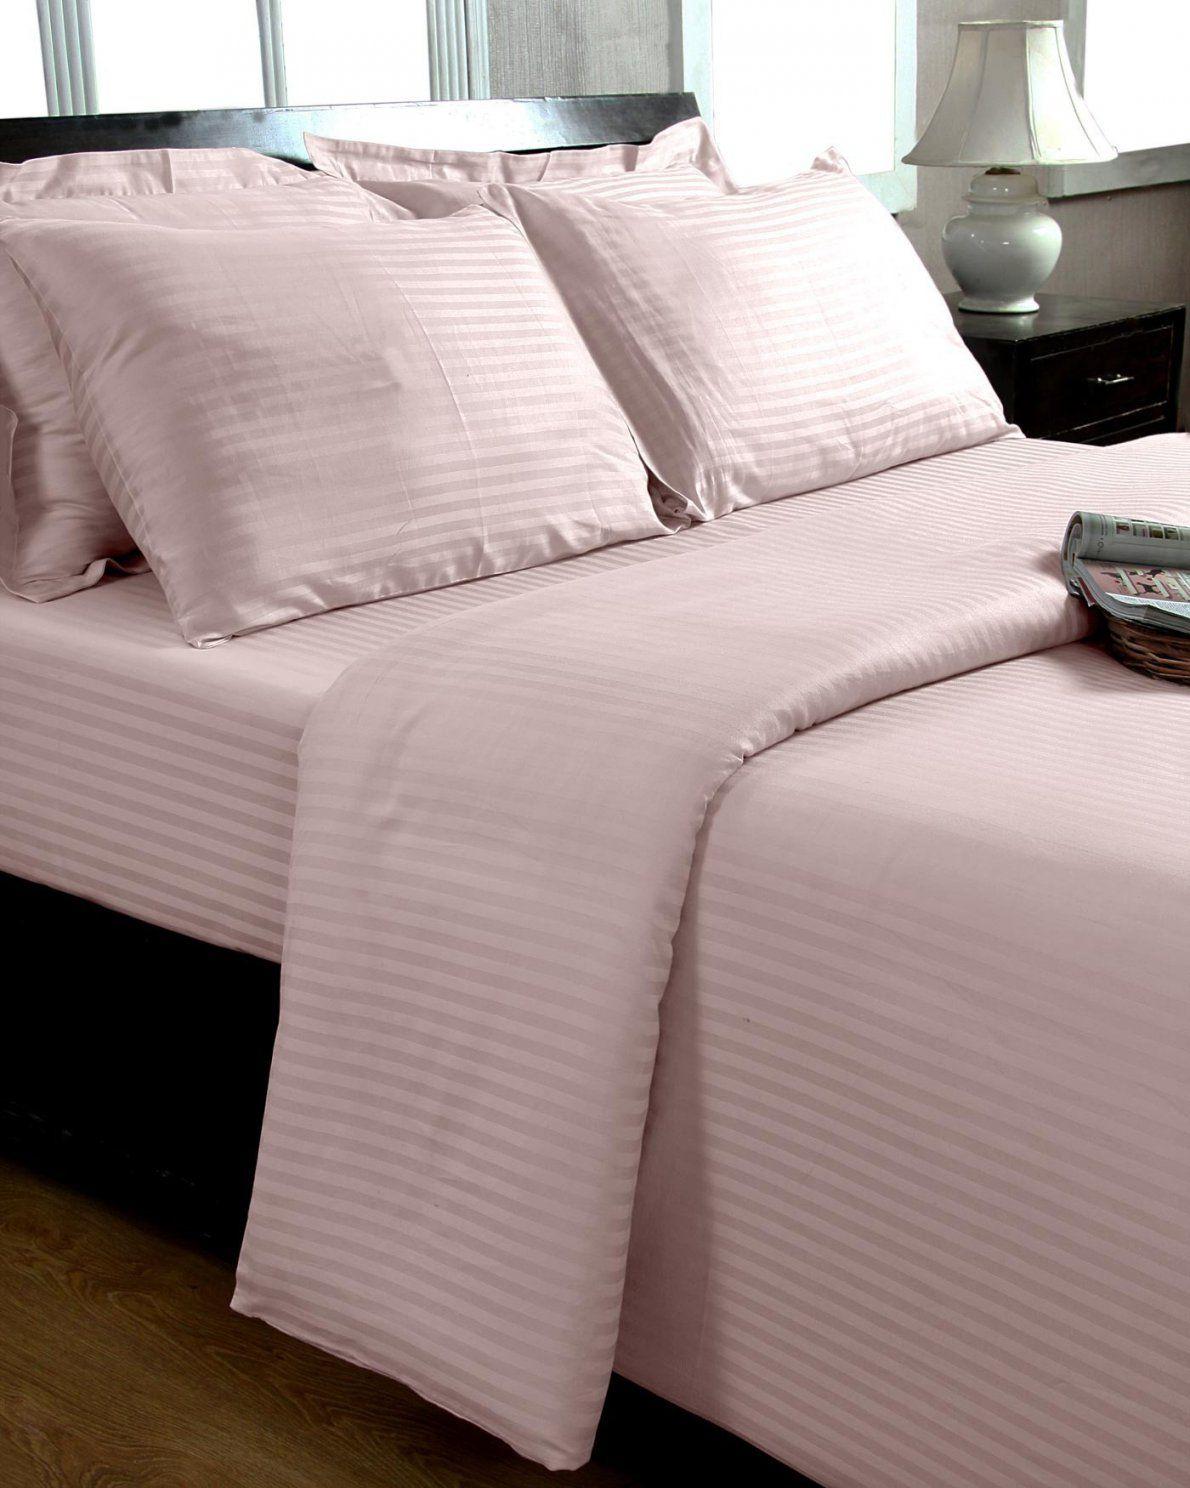 Zeitgenössisch Allergiker Bettwäsche Auf Englisch  Bettwäsche Ideen von Allergiker Bettwäsche Englisch Bild